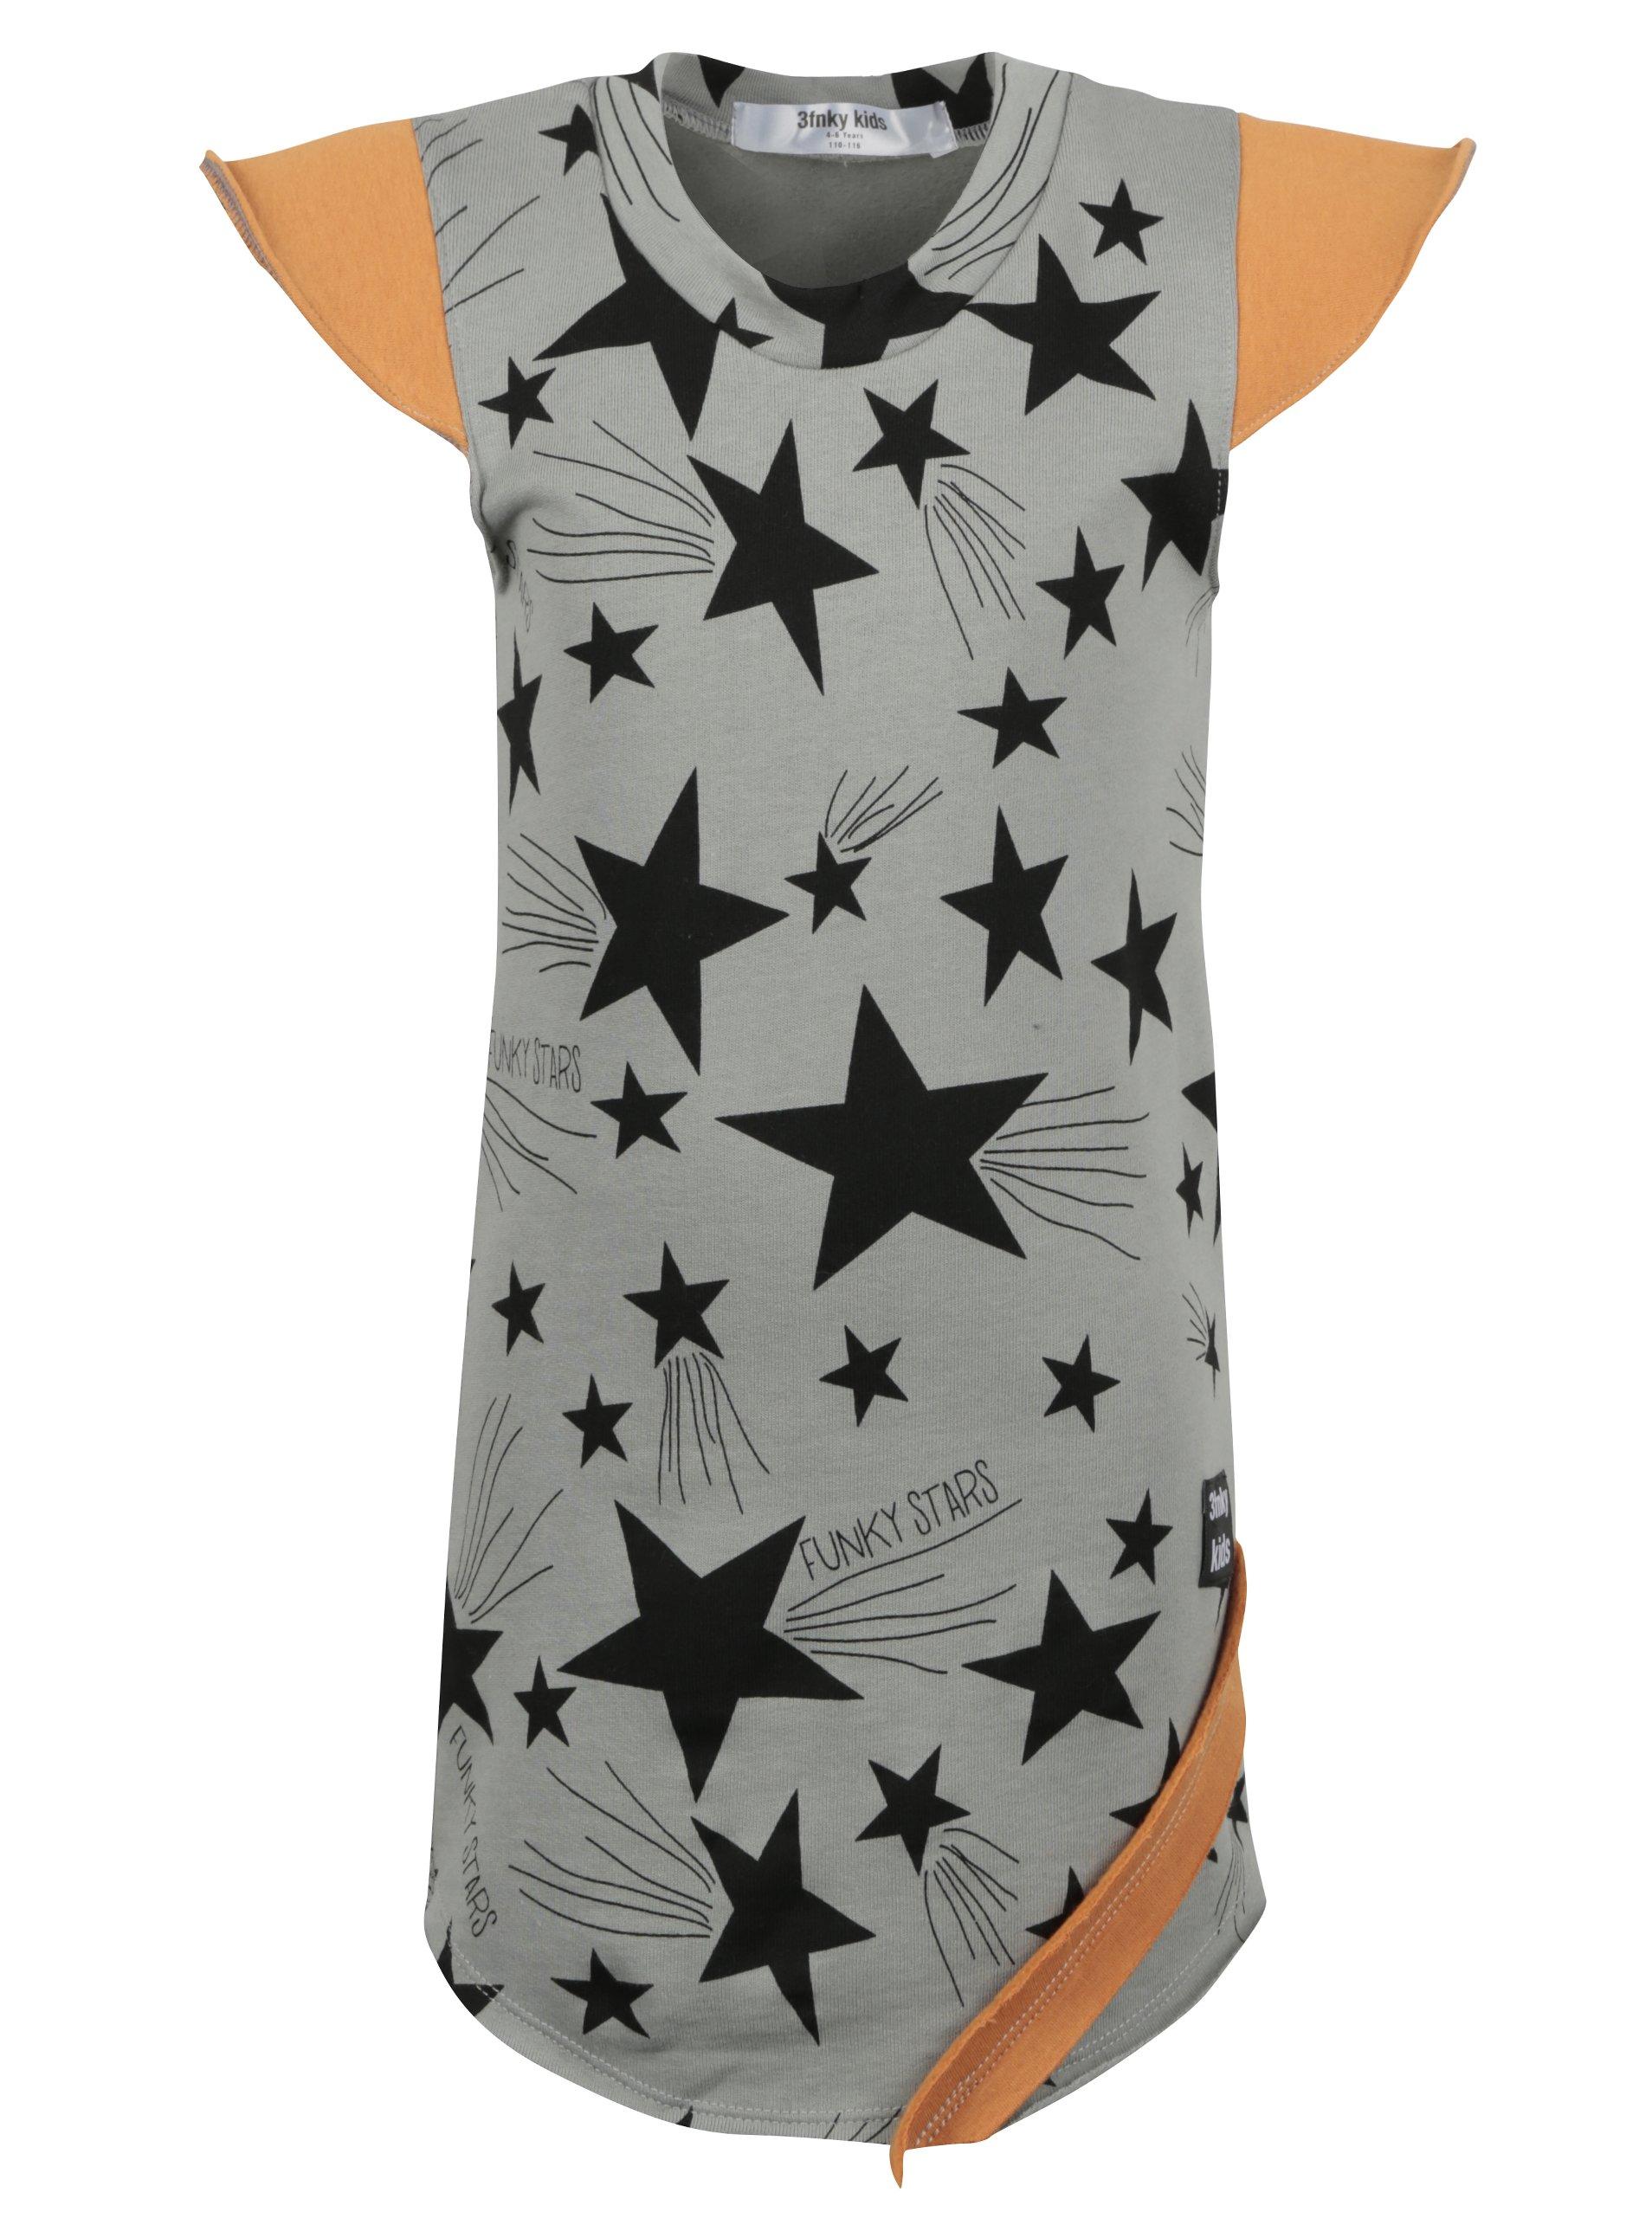 Šedé holčičí šaty s motivem hvězd a oranžovými detaily 3fnky kids Stars